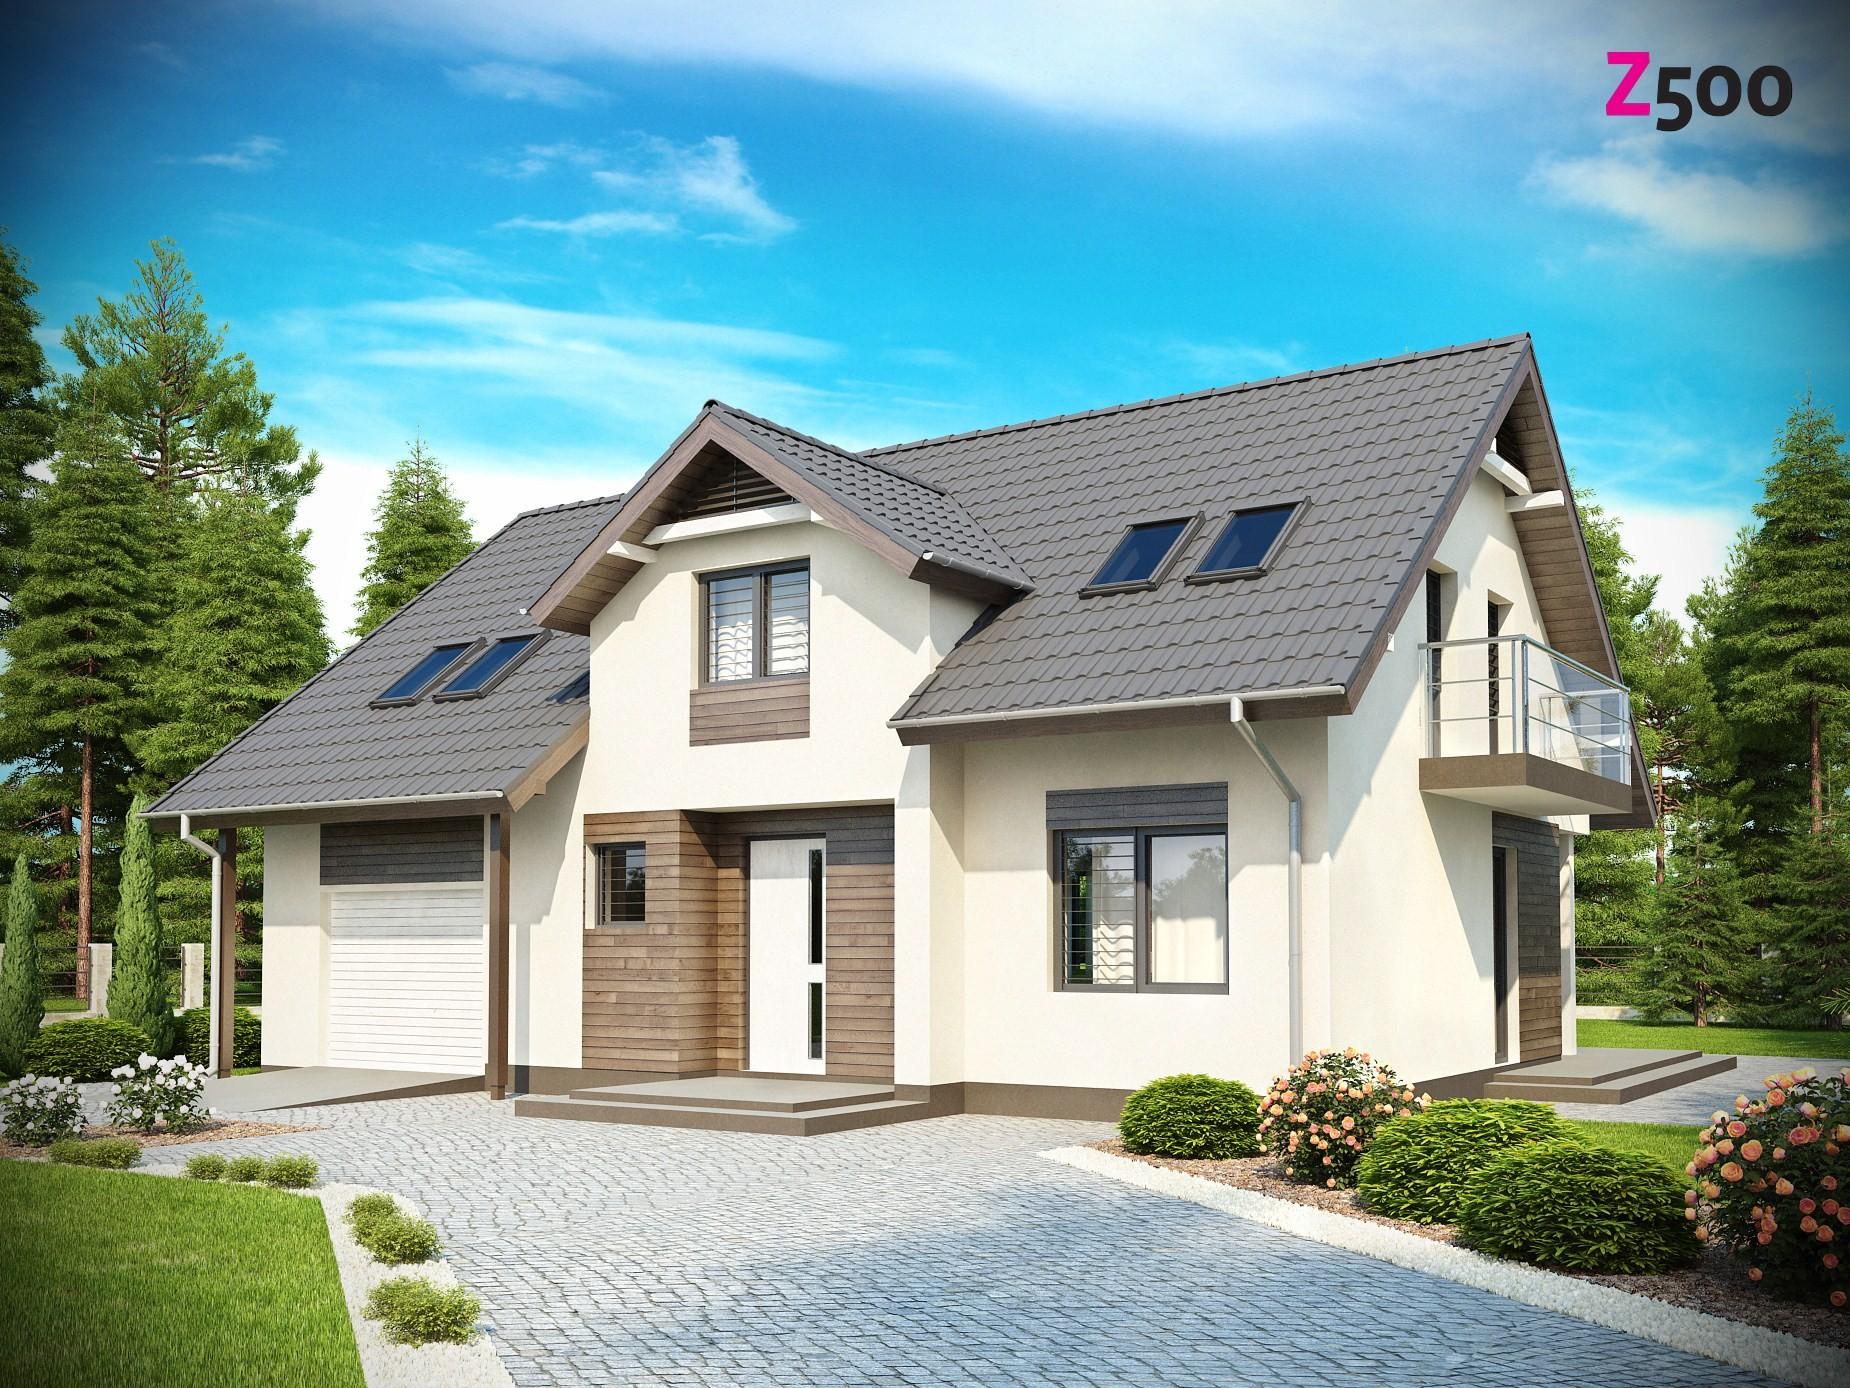 Z172 - готовый проект кирпичного дома с мансардой и гаражом.